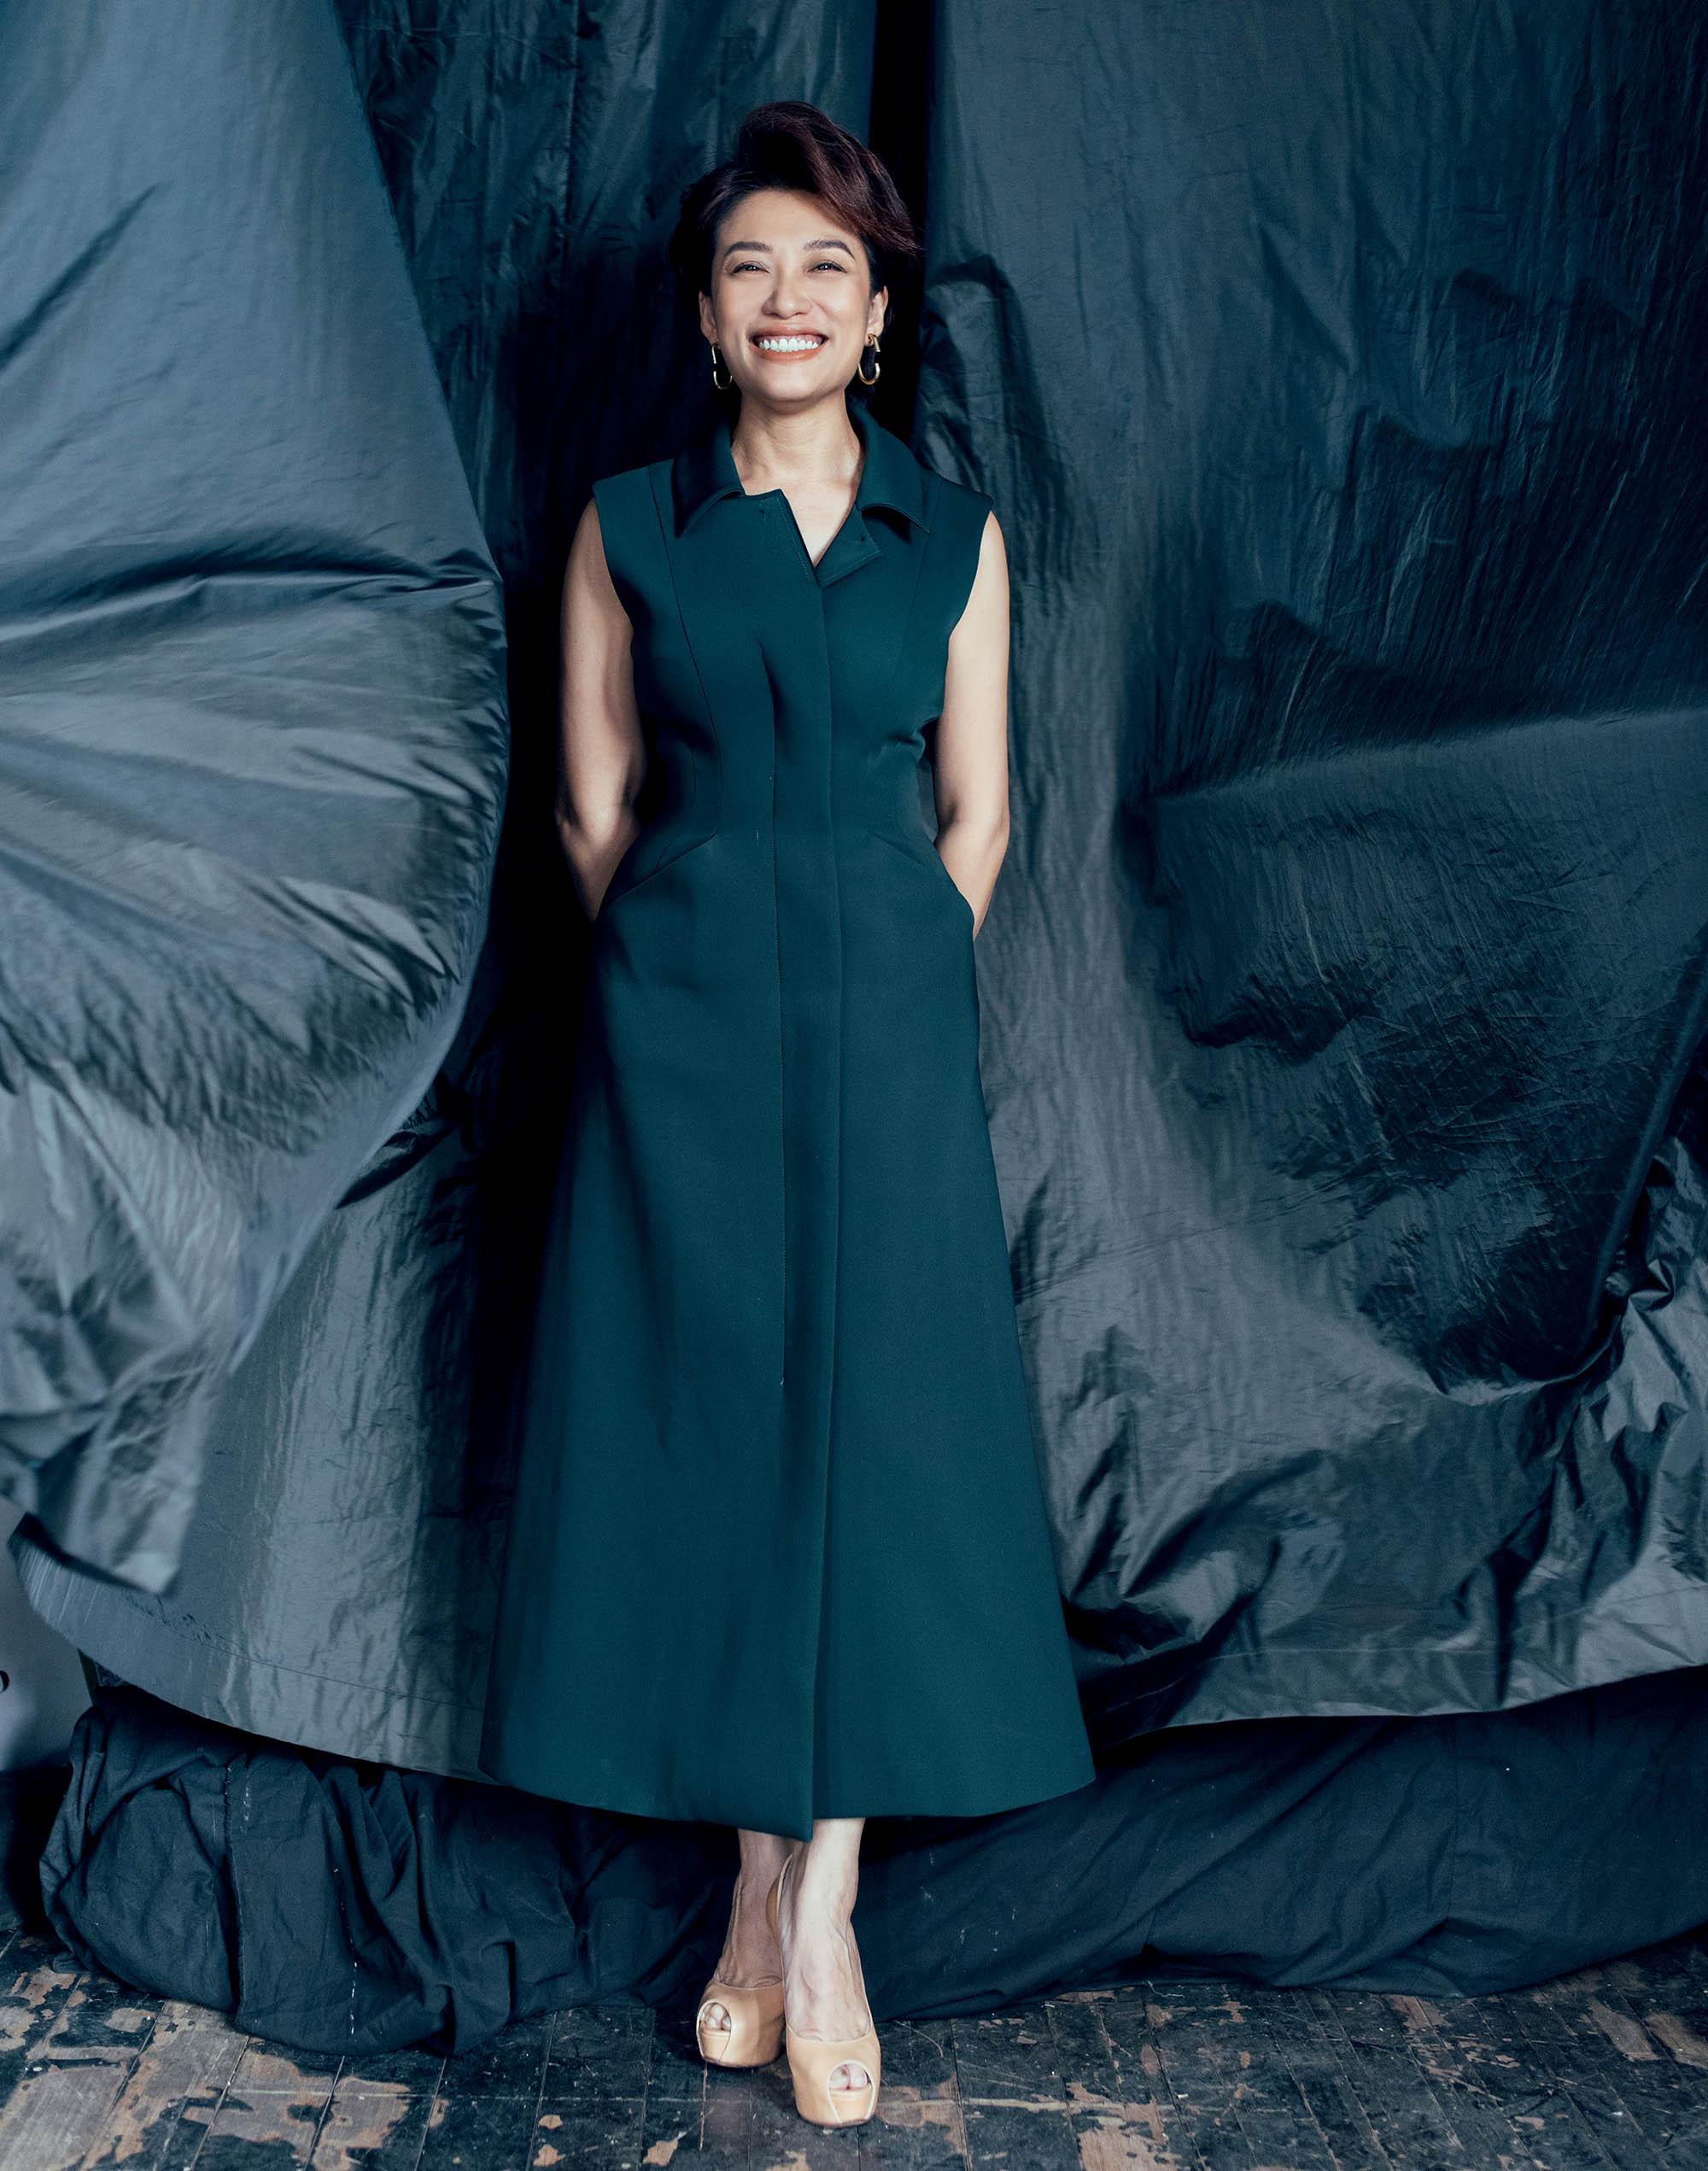 Trần Ly Ly đứng thẳng mặc đầm xanh